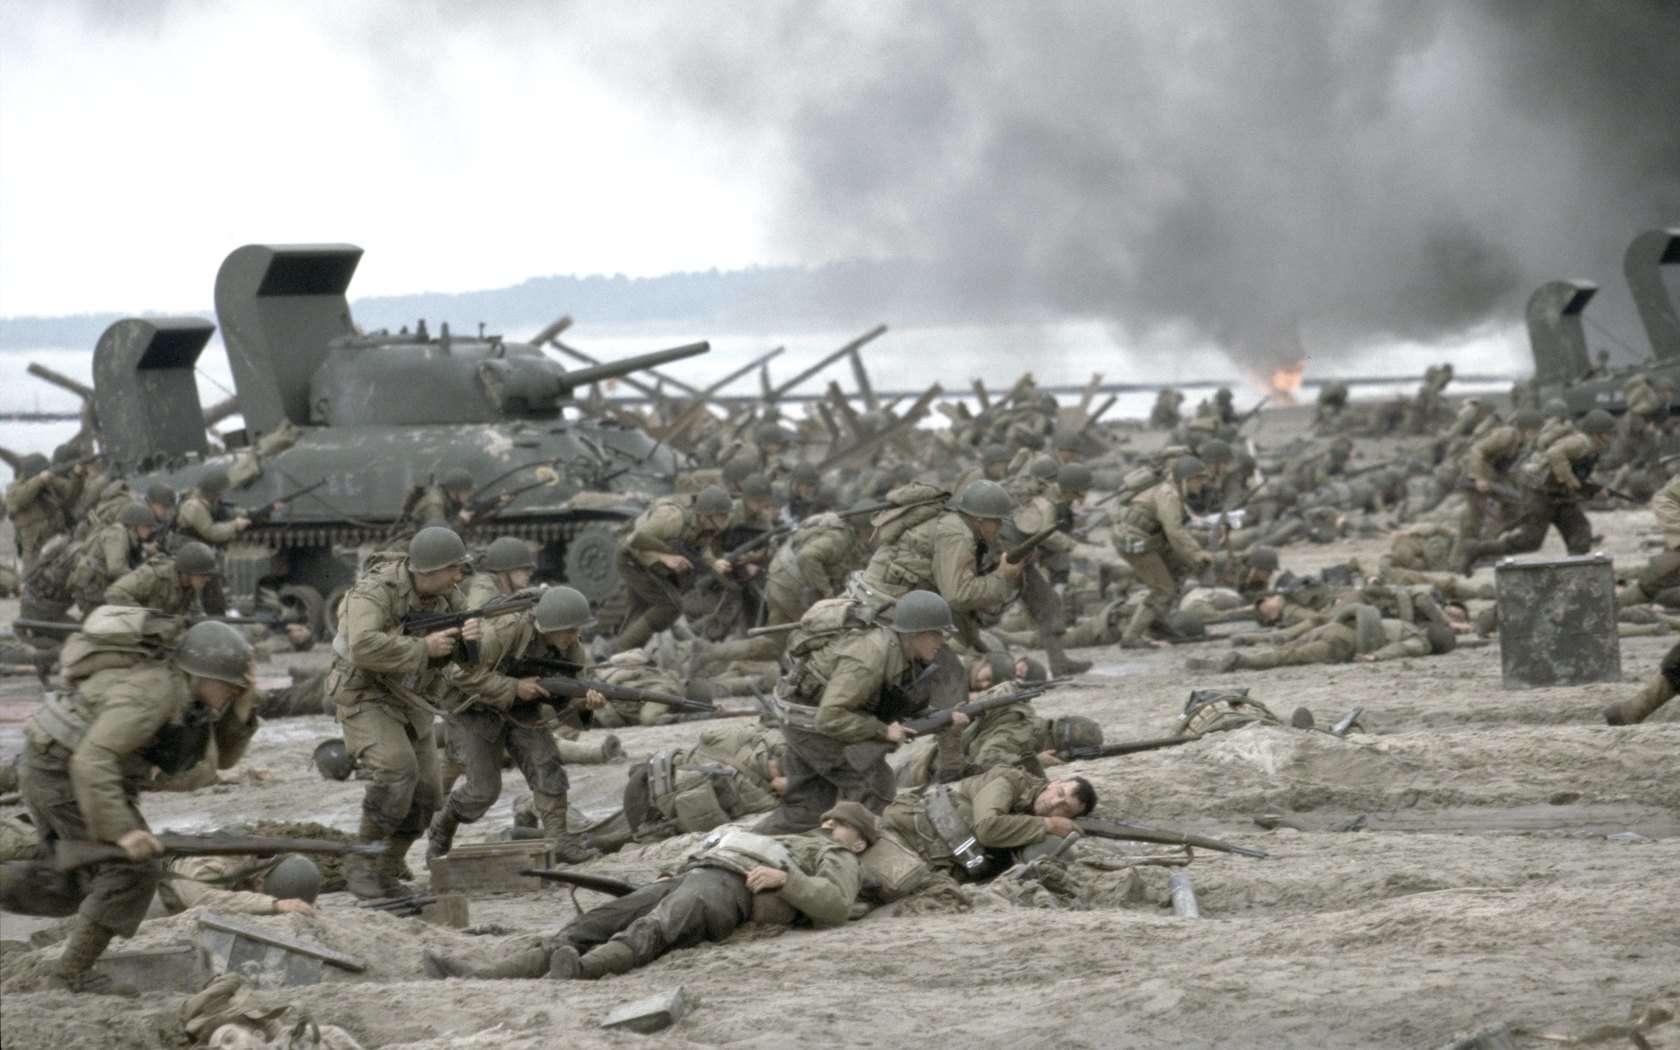 Salvate il soldato Ryan: una scena del film di Steven Spielberg